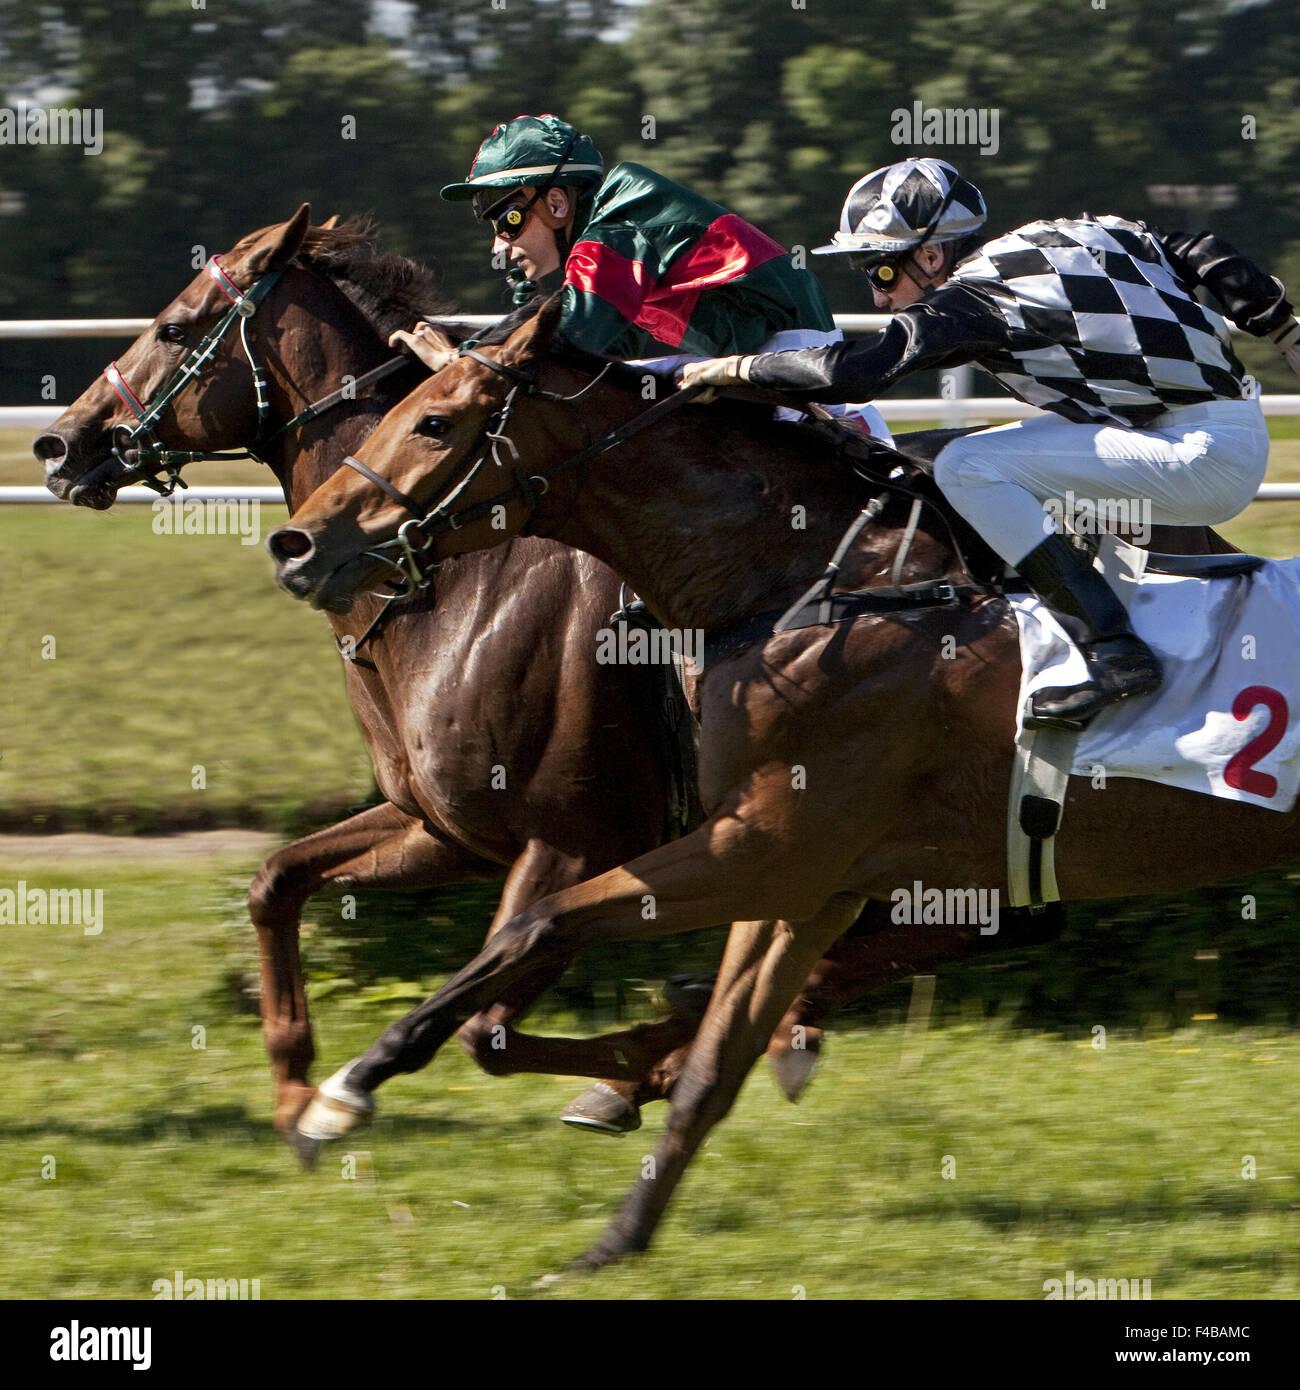 Corse di cavalli, Dortmund, Germania. Immagini Stock